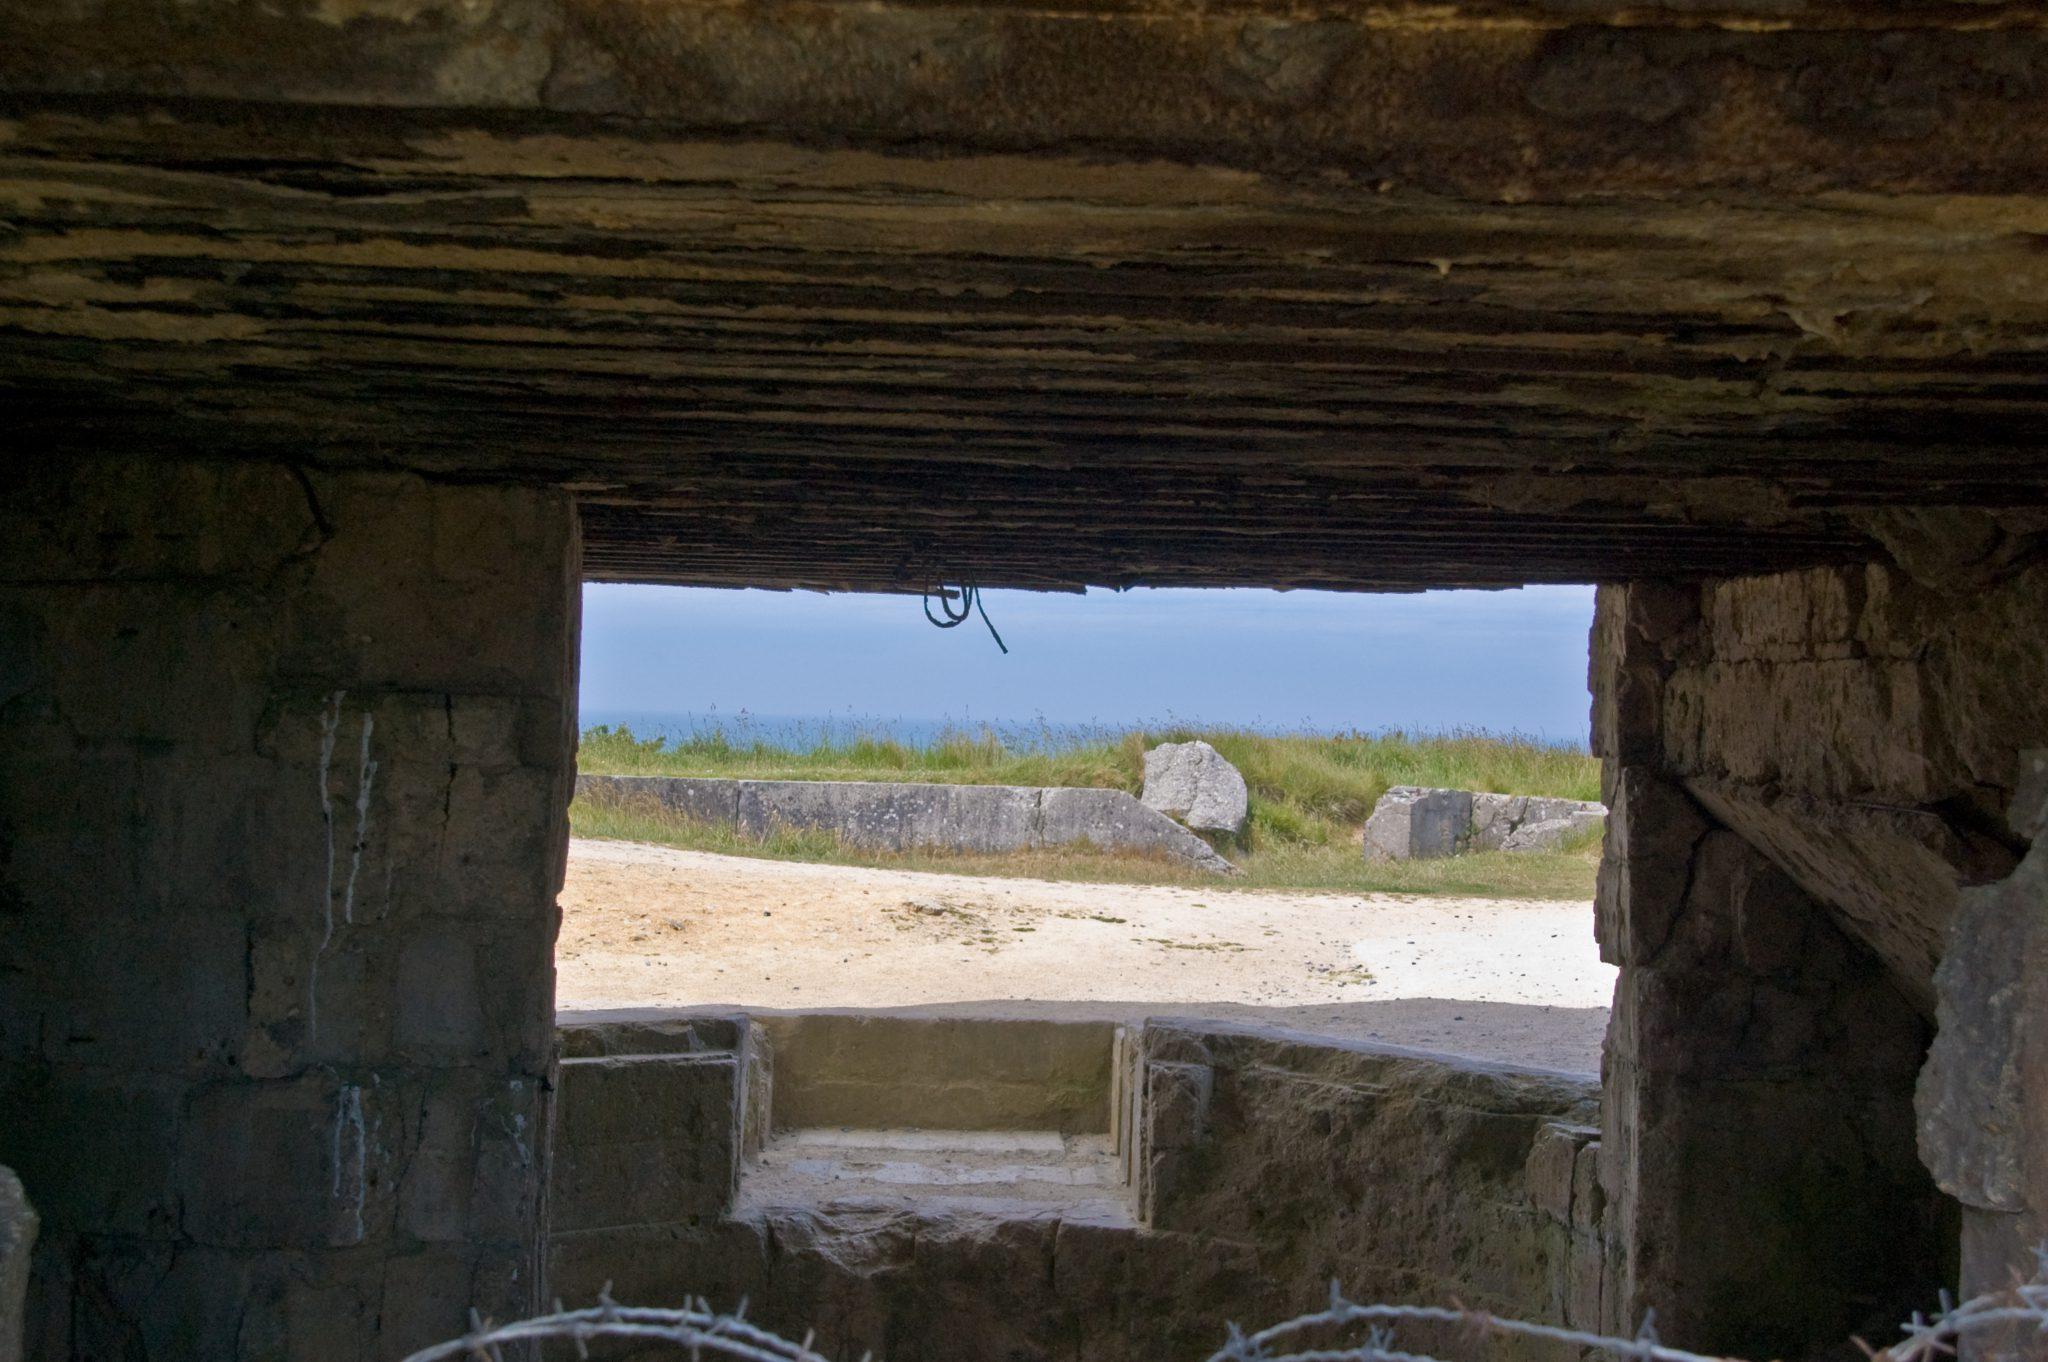 De bunkers van Pointe du Hoc, te bezoeken zoals ze zijn achtergelaten na D-day